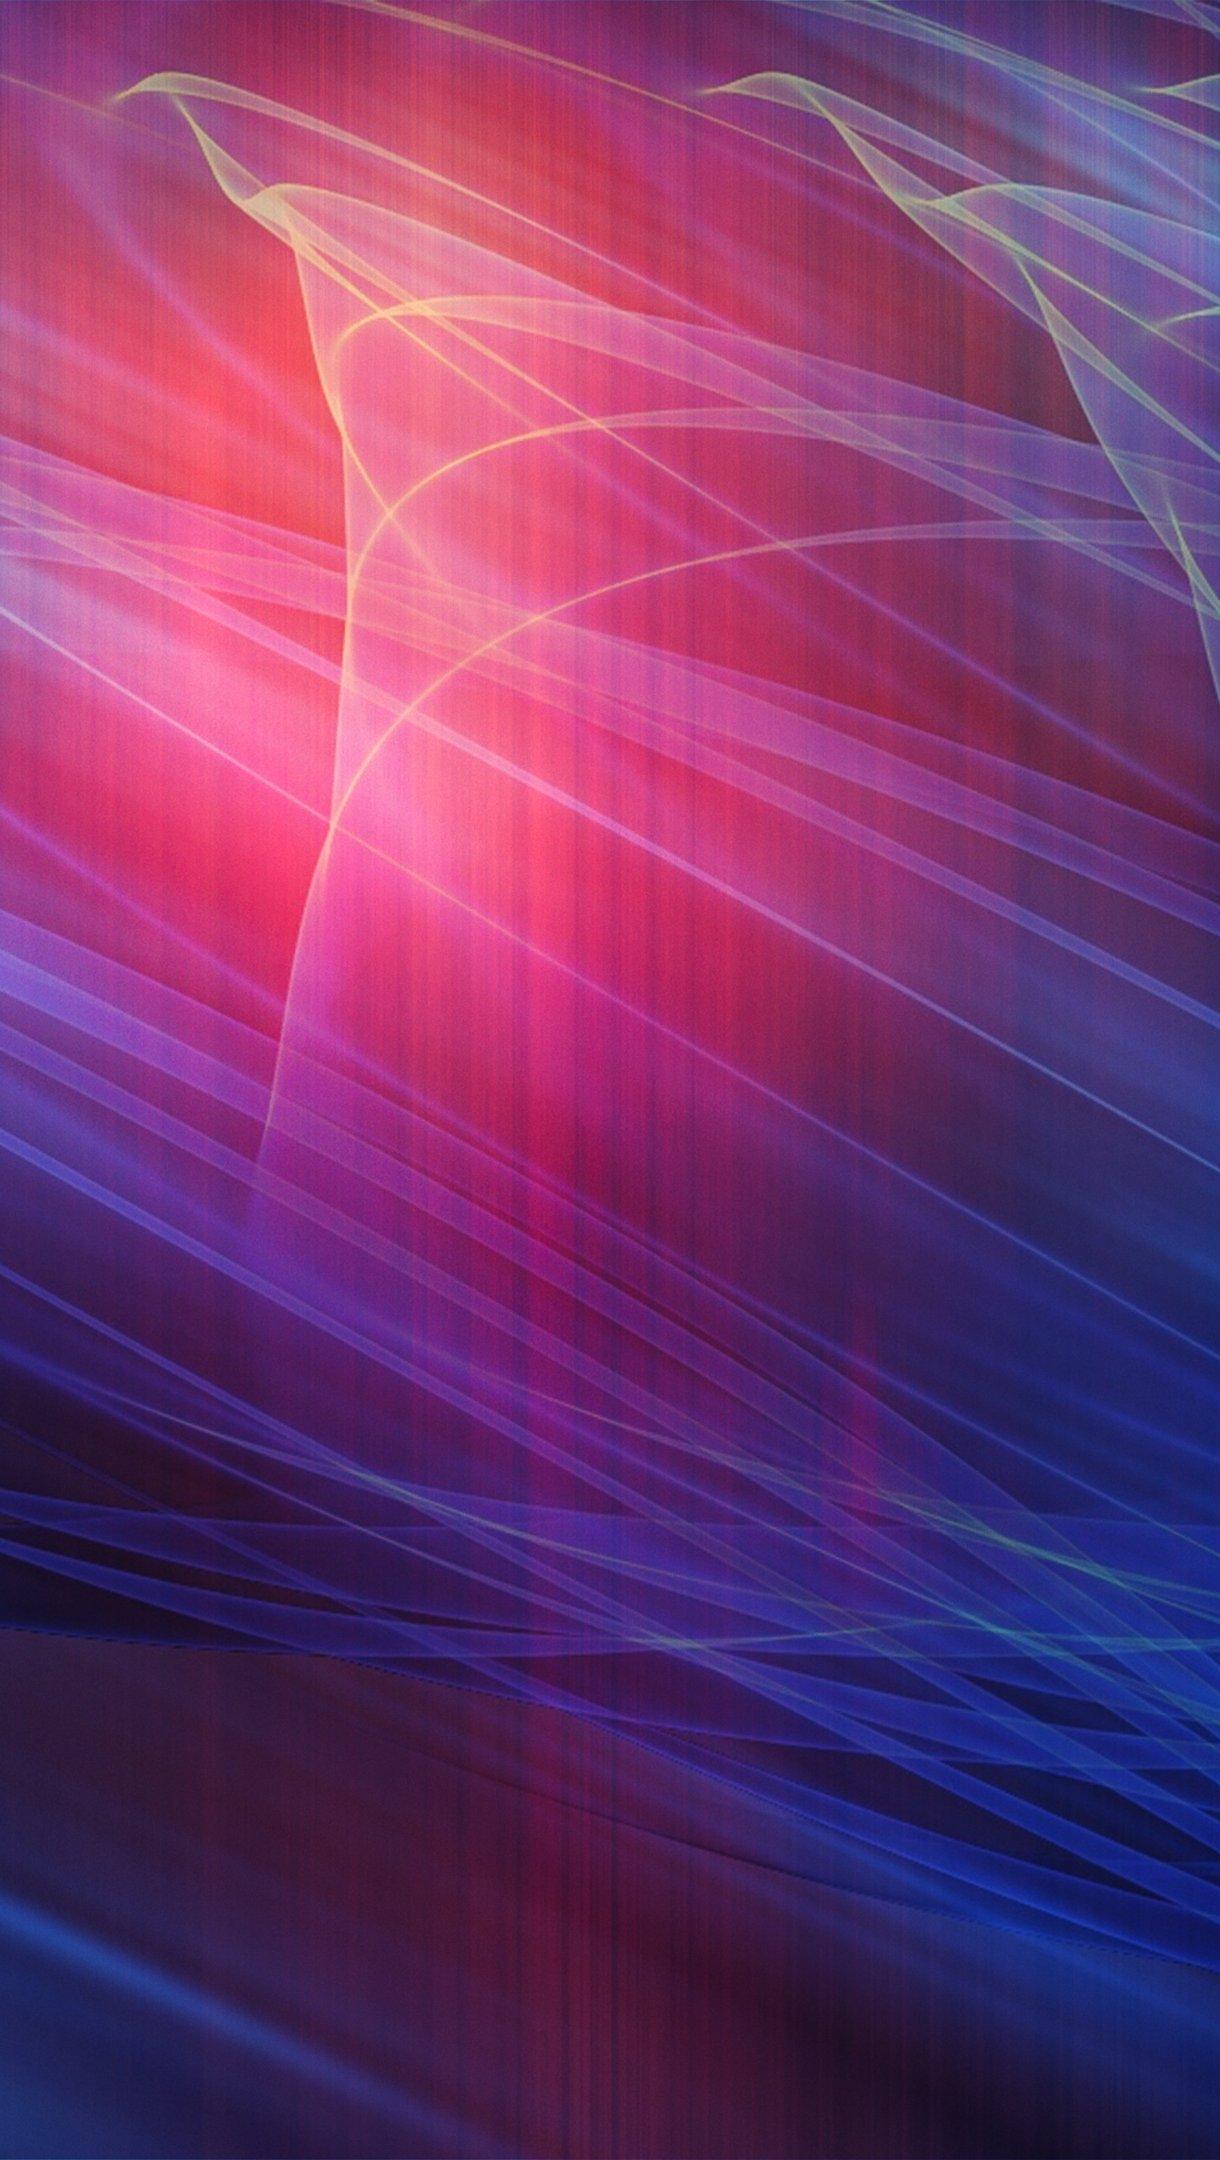 Fondos de pantalla Lineas neon Vertical